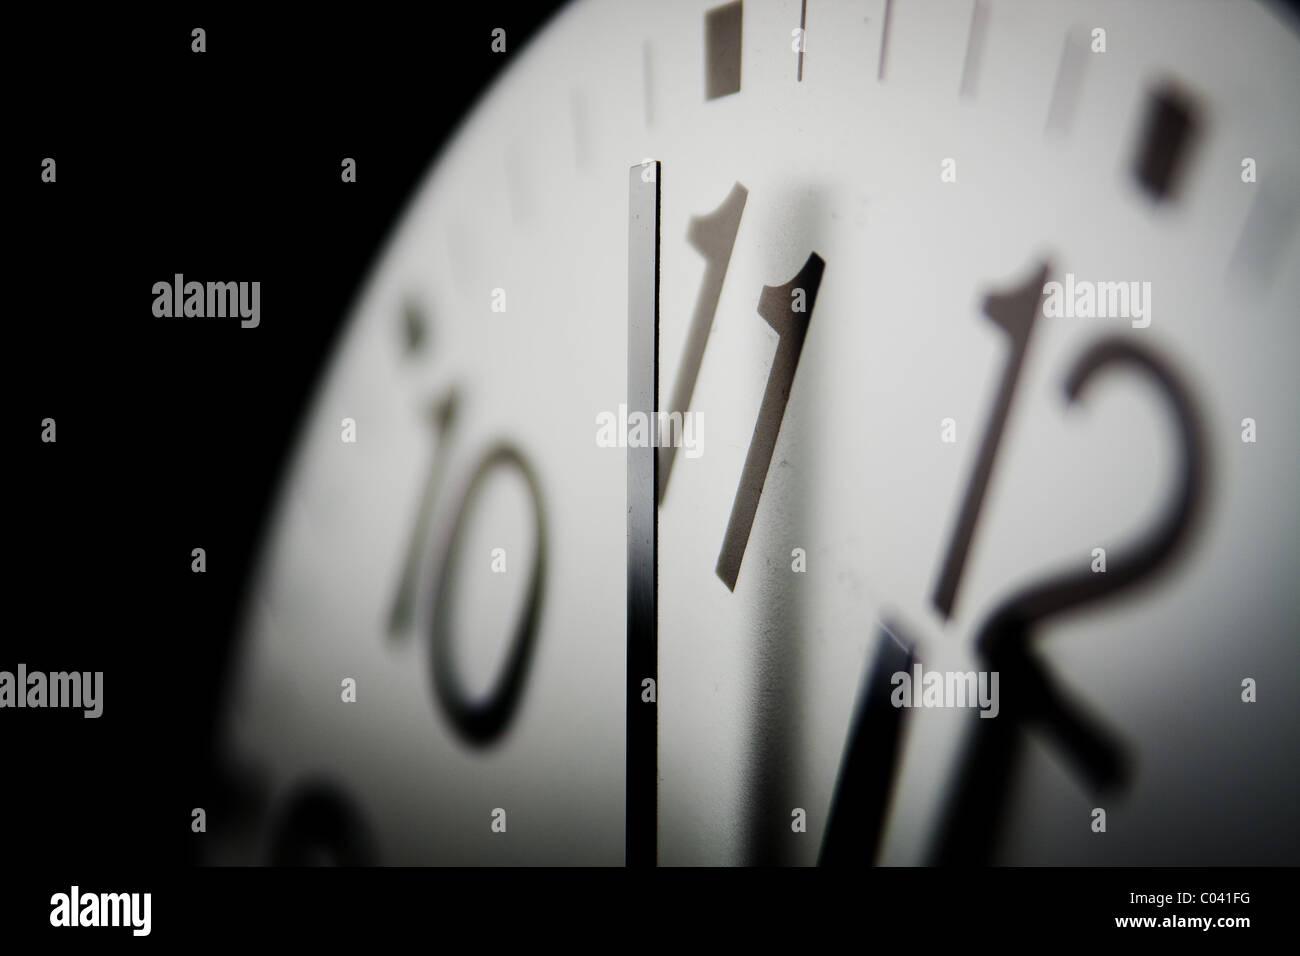 2010 Doomsday Clock; six minutes jusqu'à minuit sur une horloge symbolique d'avertissement comment Photo Stock